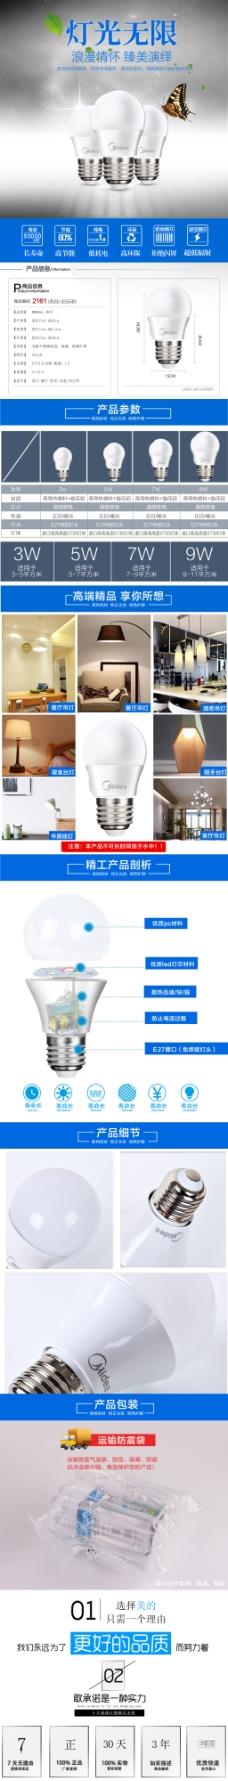 淘宝电商家用电器灯泡LED低耗灯光详情页psd模板